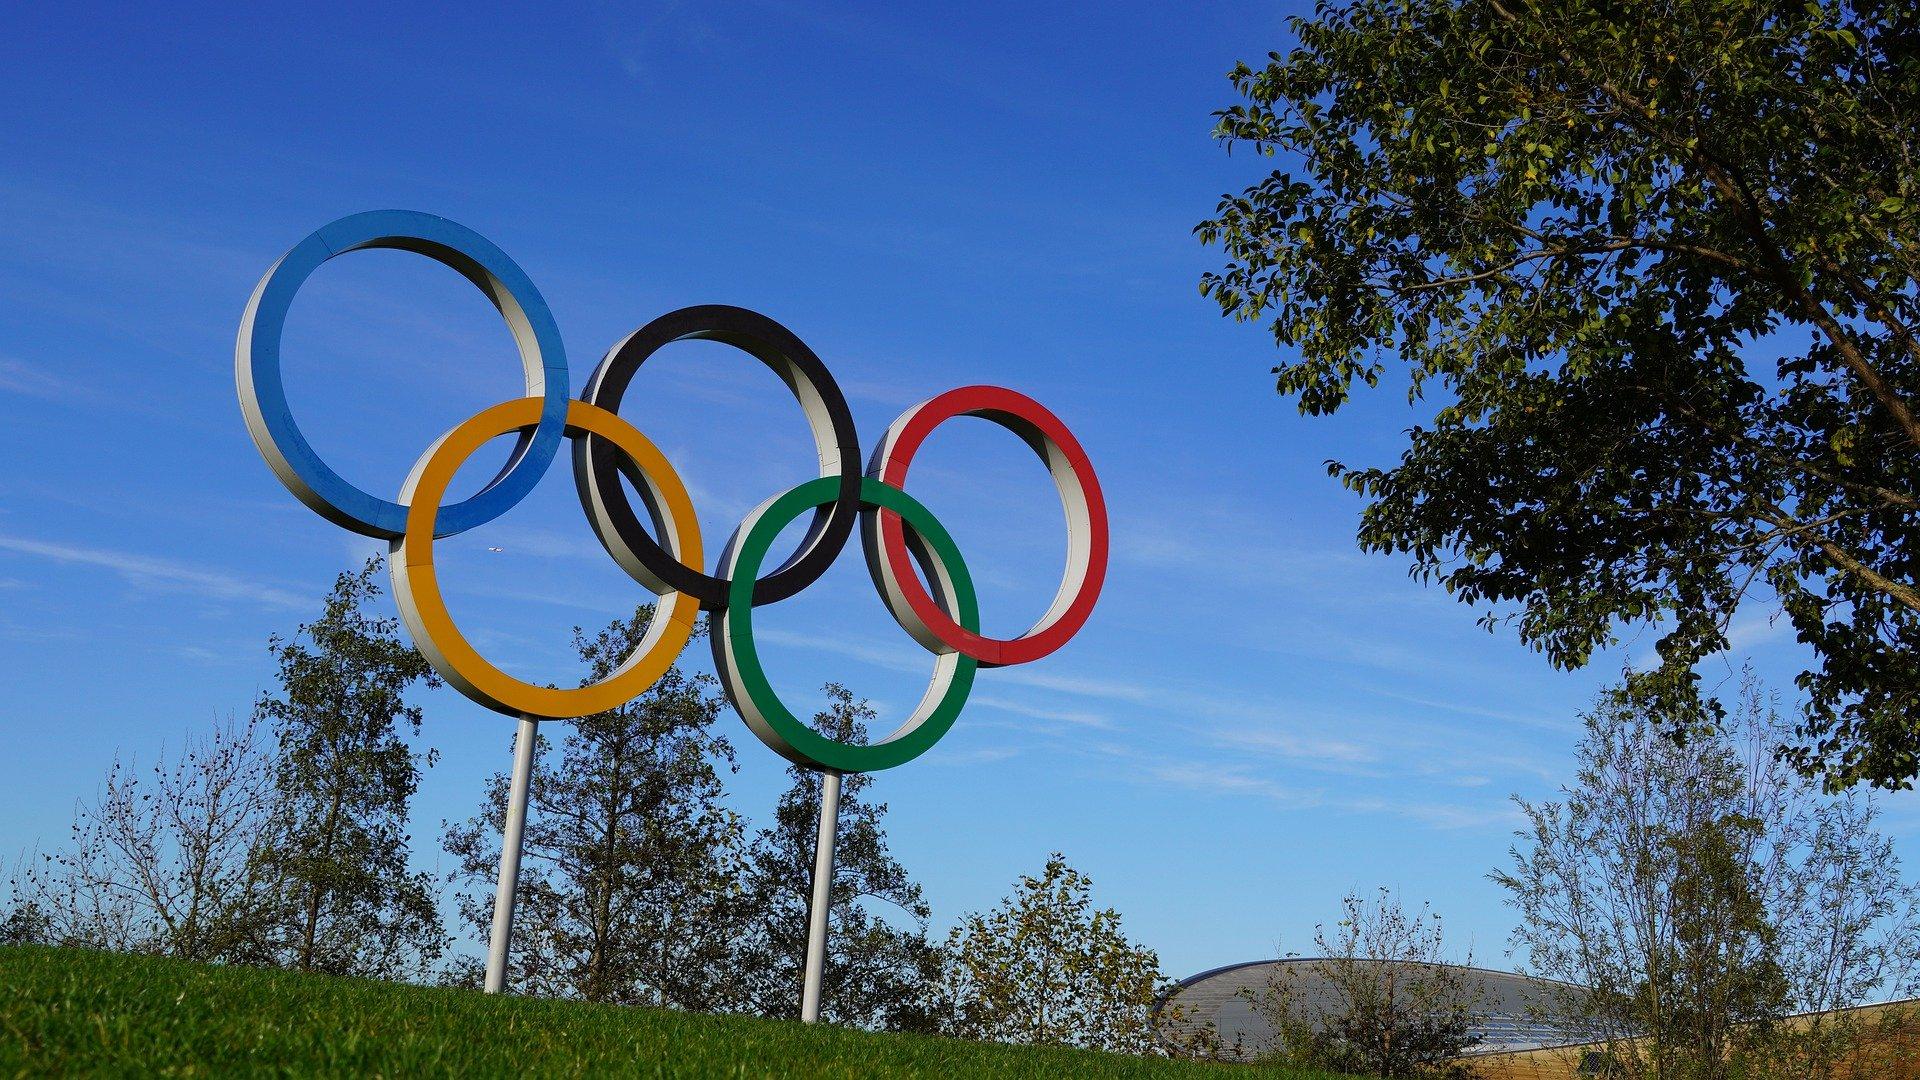 Weiterer Spitzensportler bei der Bayerischen Polizei holt Edelmetall bei Olympia